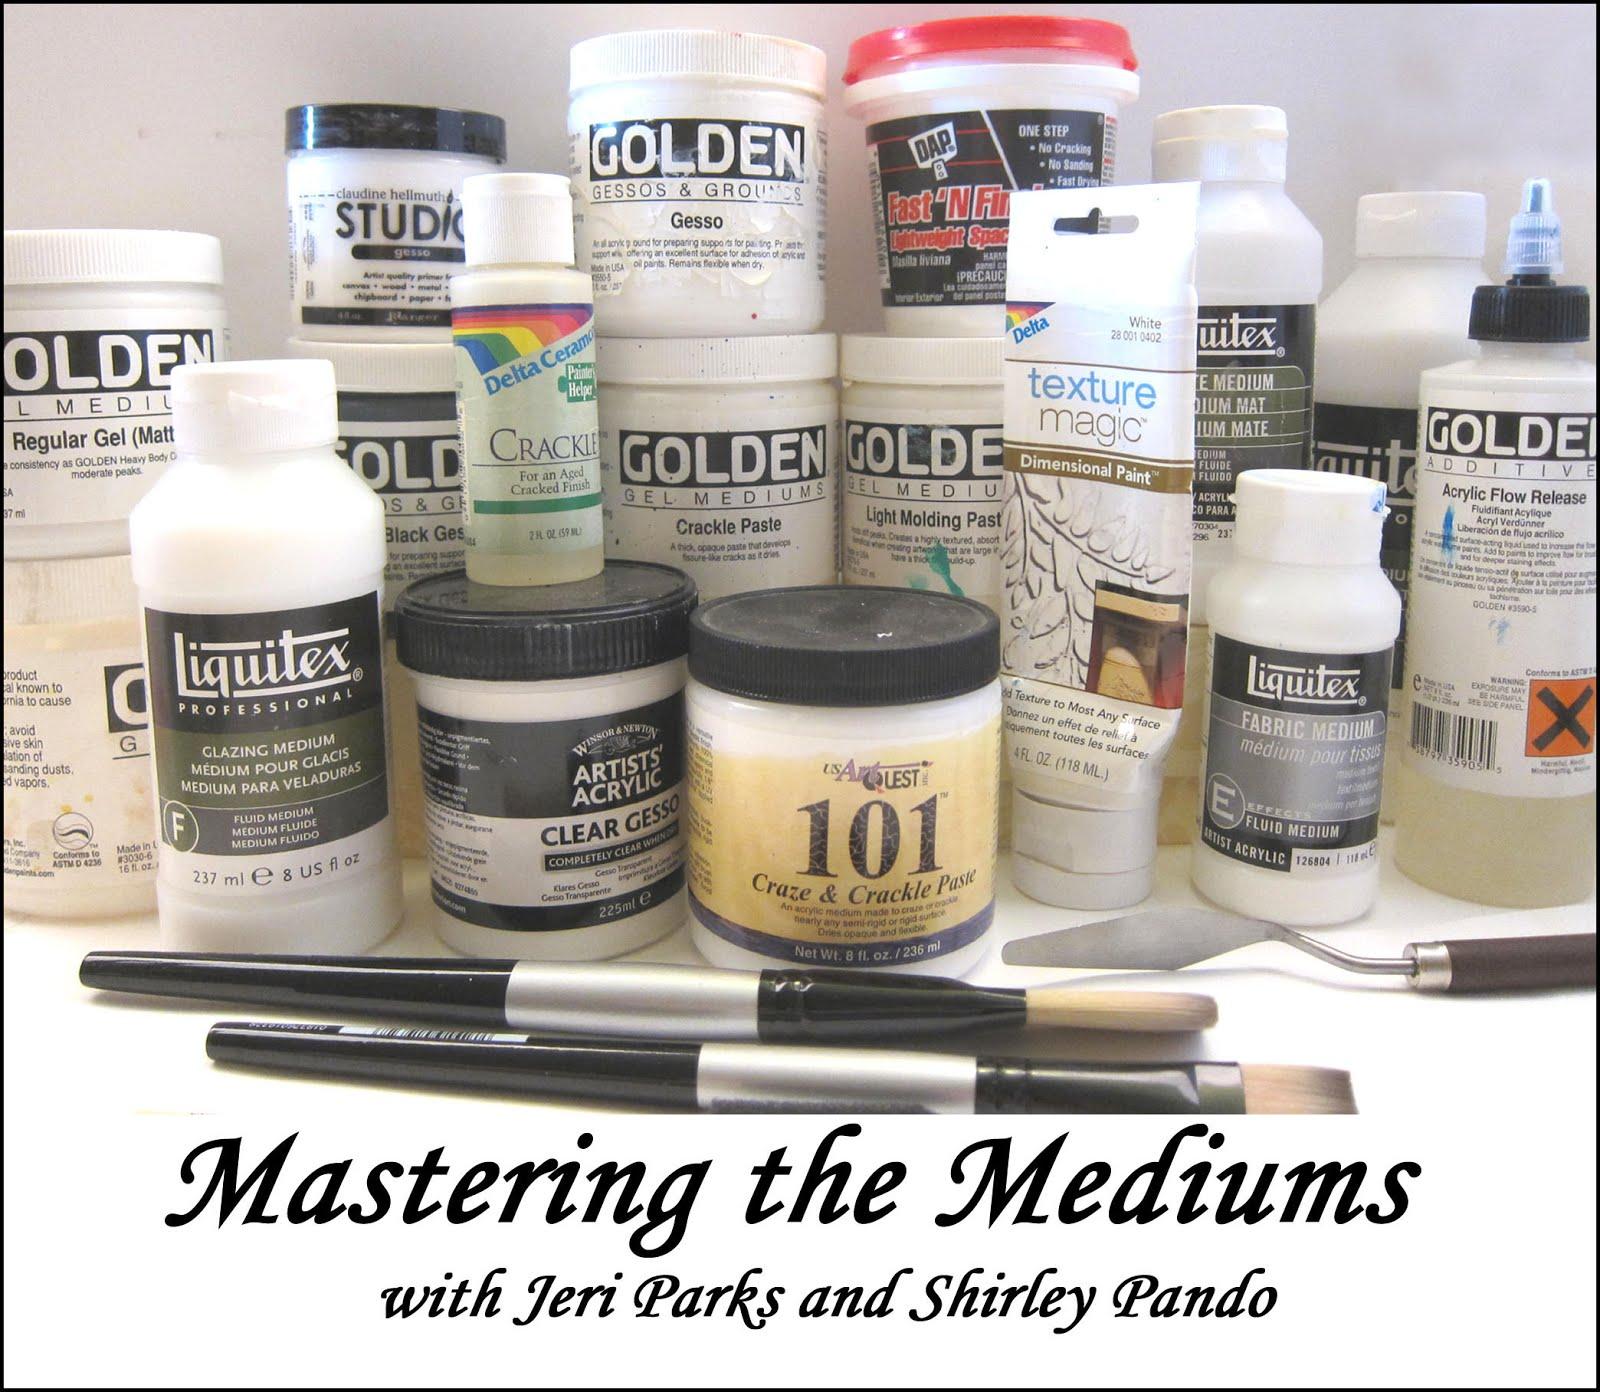 Mastering the Mediums